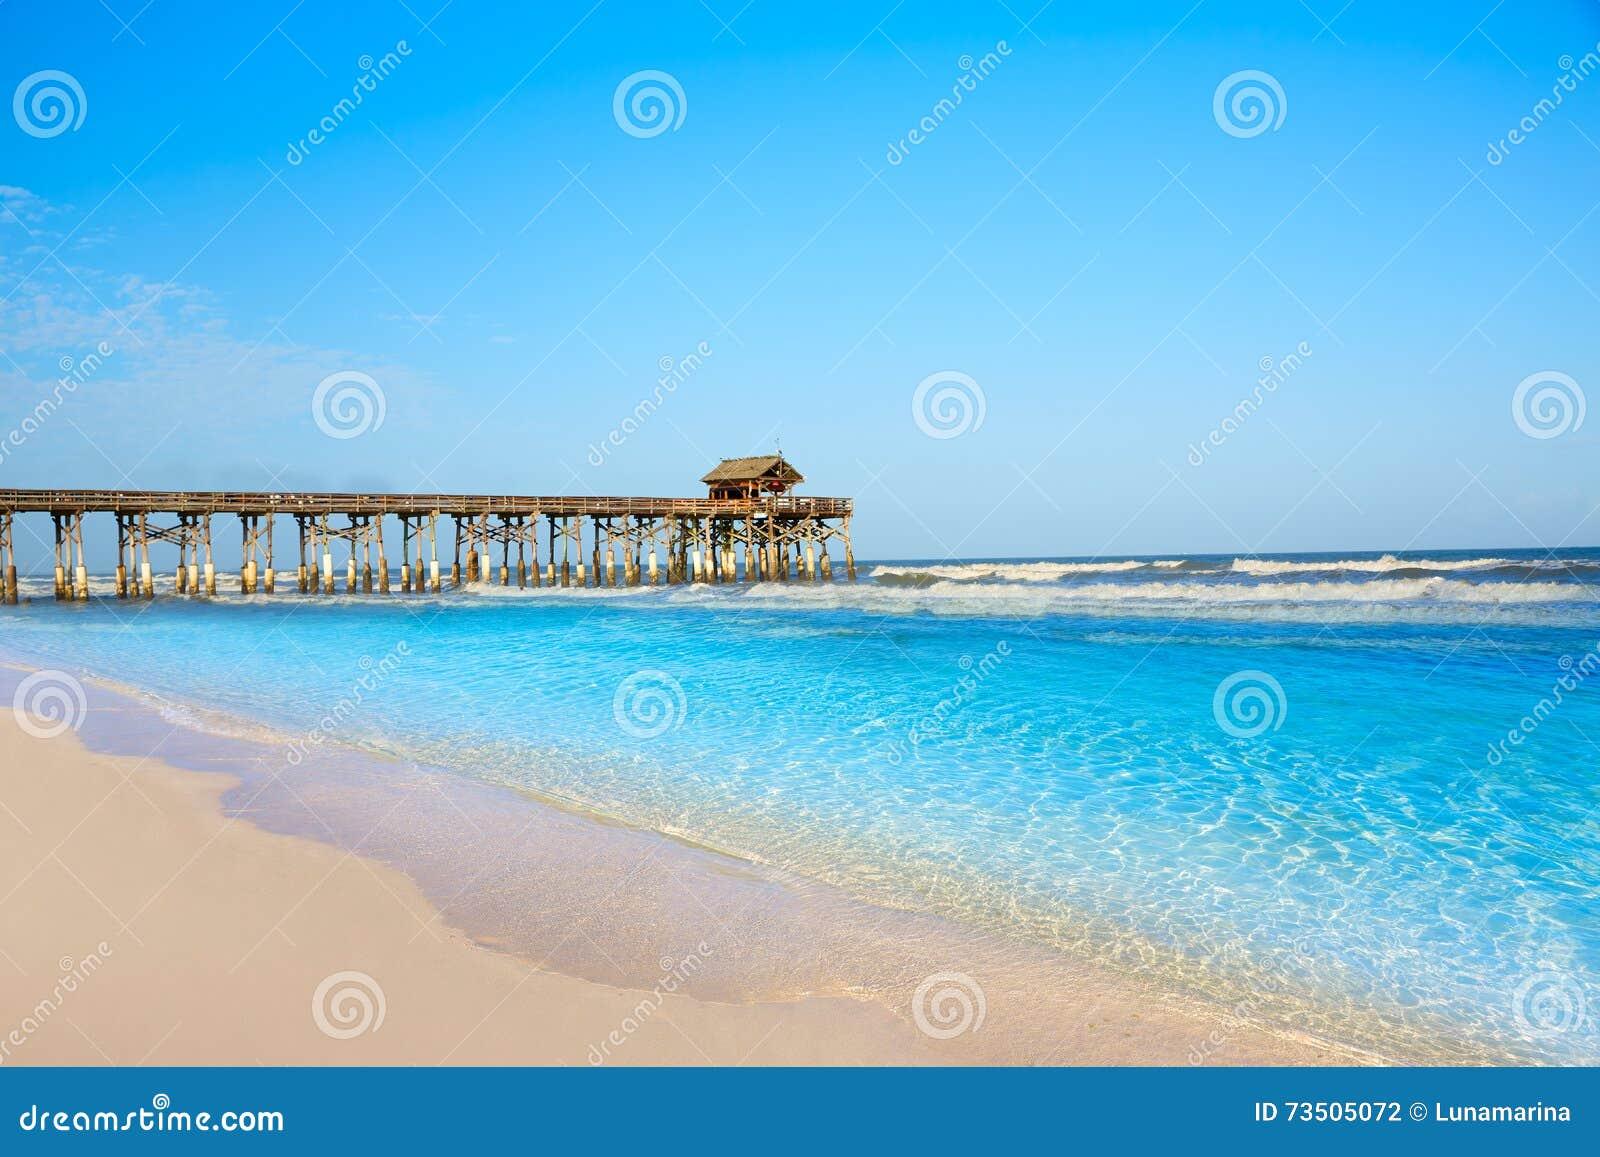 Cocoa Beach Near Port Canaveral